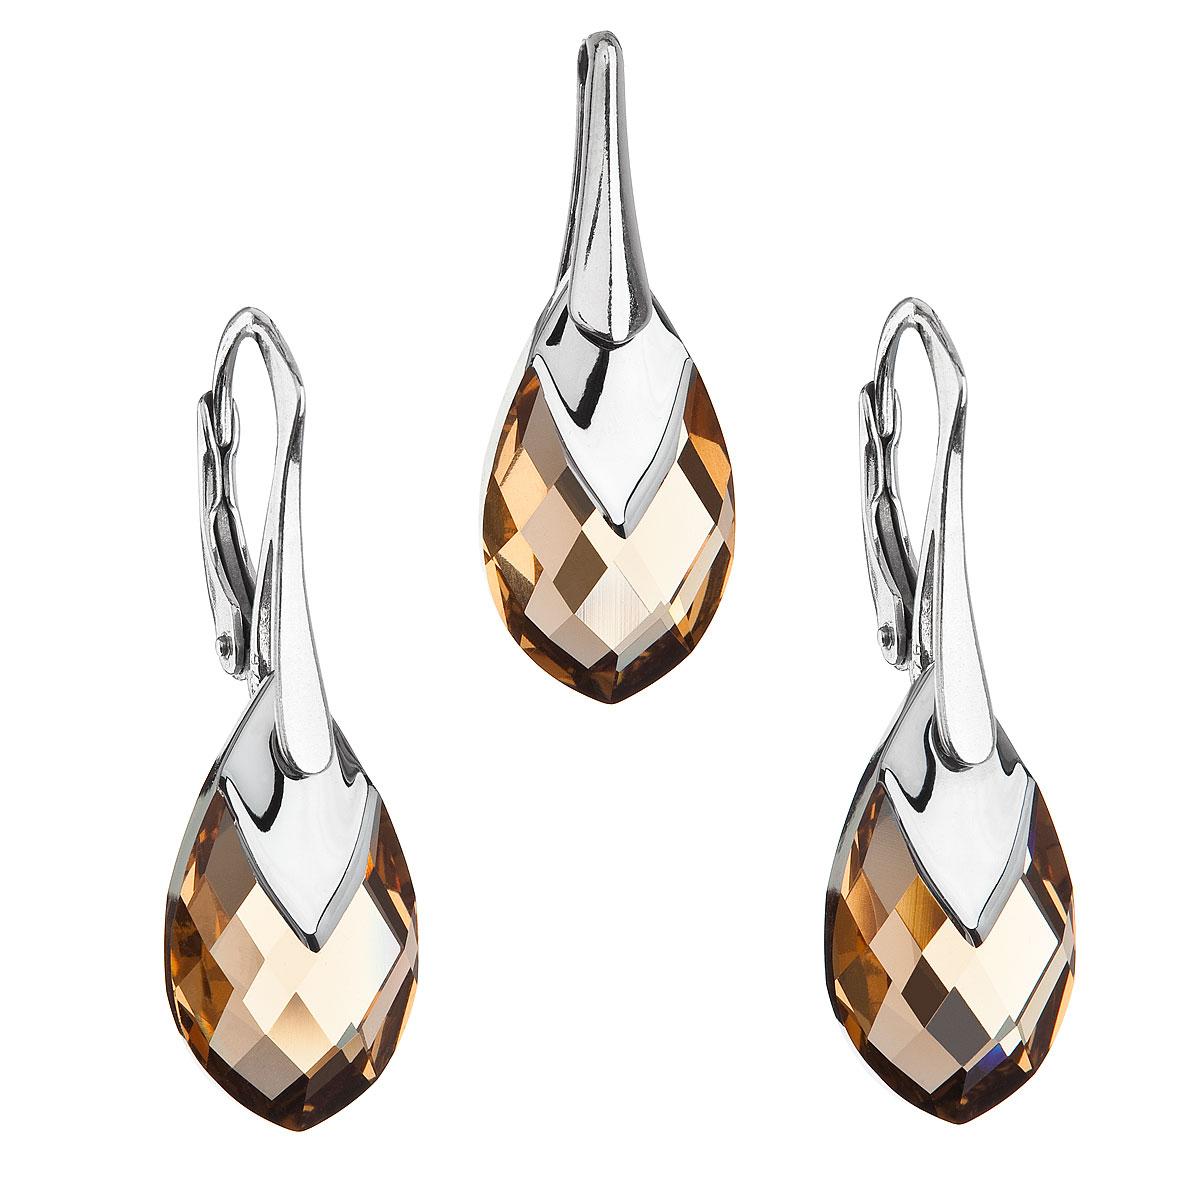 Sada šperků s krystaly Swarovski náušnice a přívěsek zlatá slza 39169.4